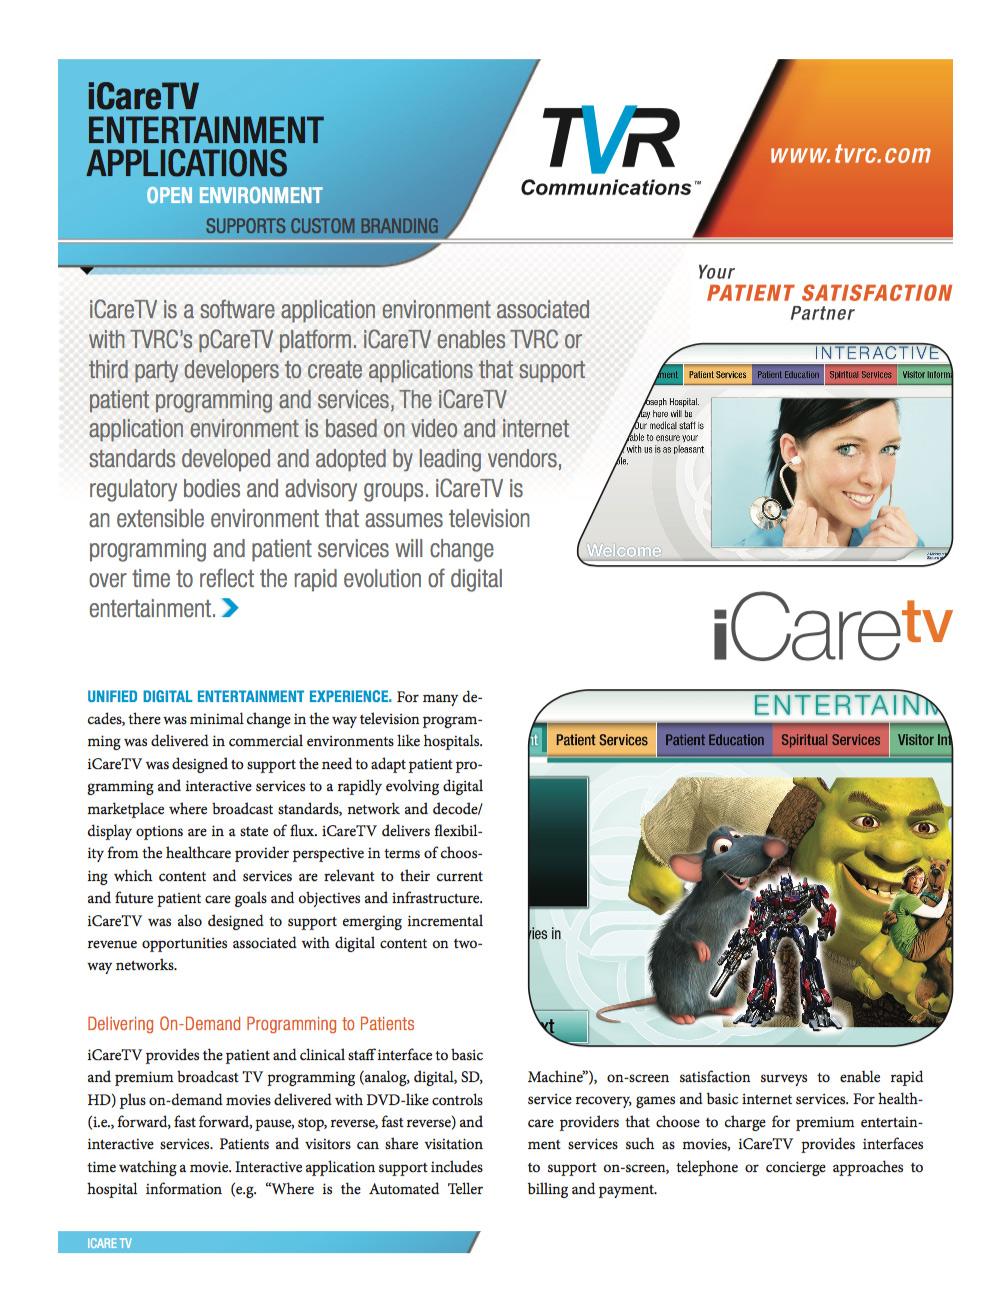 iCareTV_WP_front.jpg